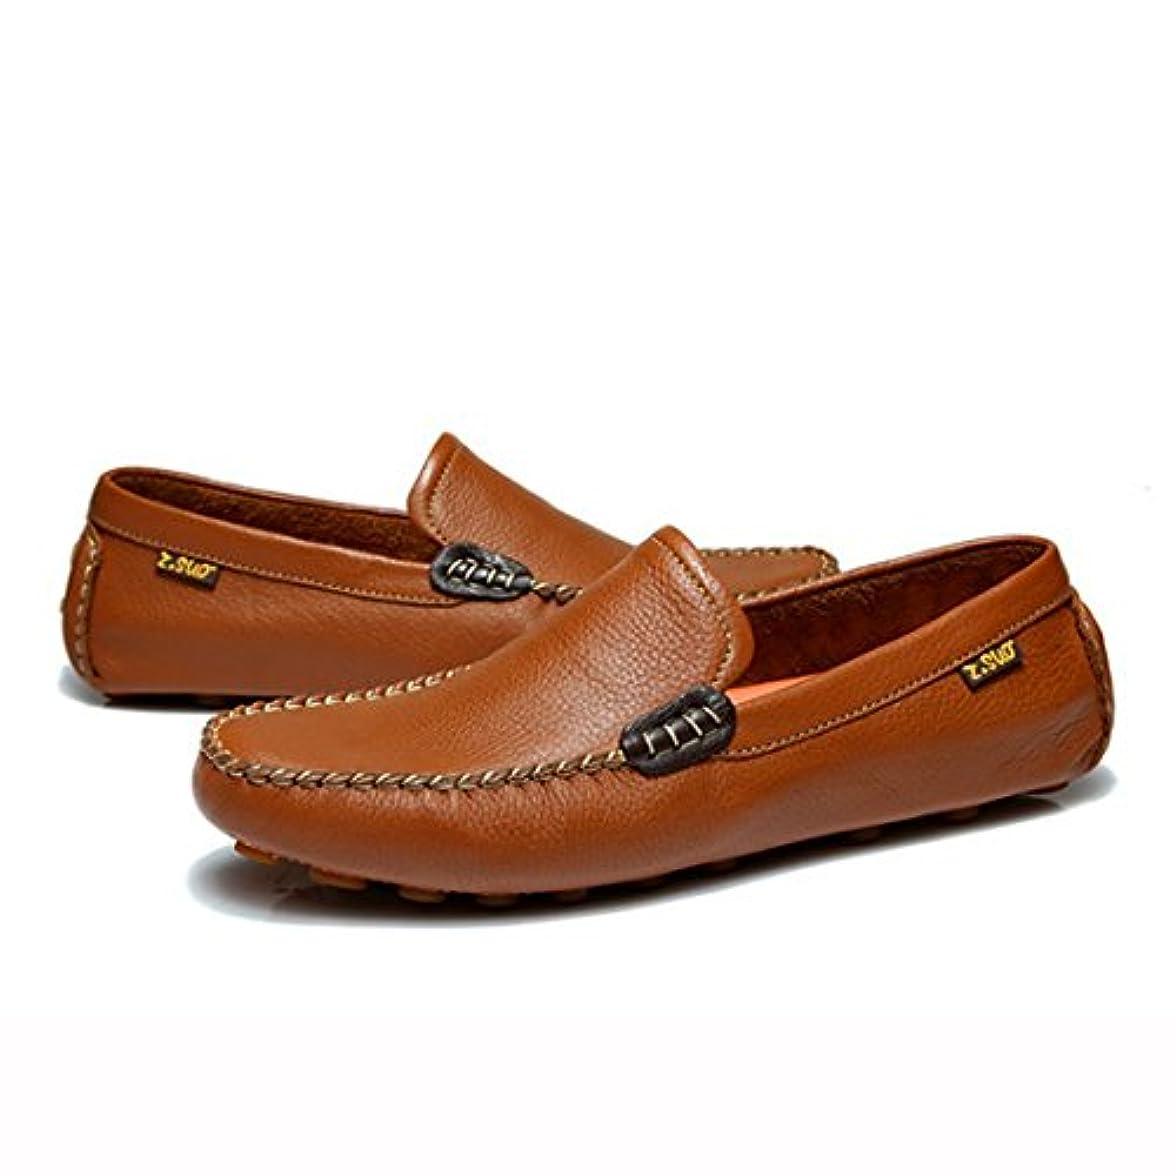 ぼかすセーターブラウザUrsmart17 ドライビングシューズ メンズ 本革 おしゃれ スリッポン カジュアル 紳士靴 ブラック ブラウン 24.5cm-27.0cm